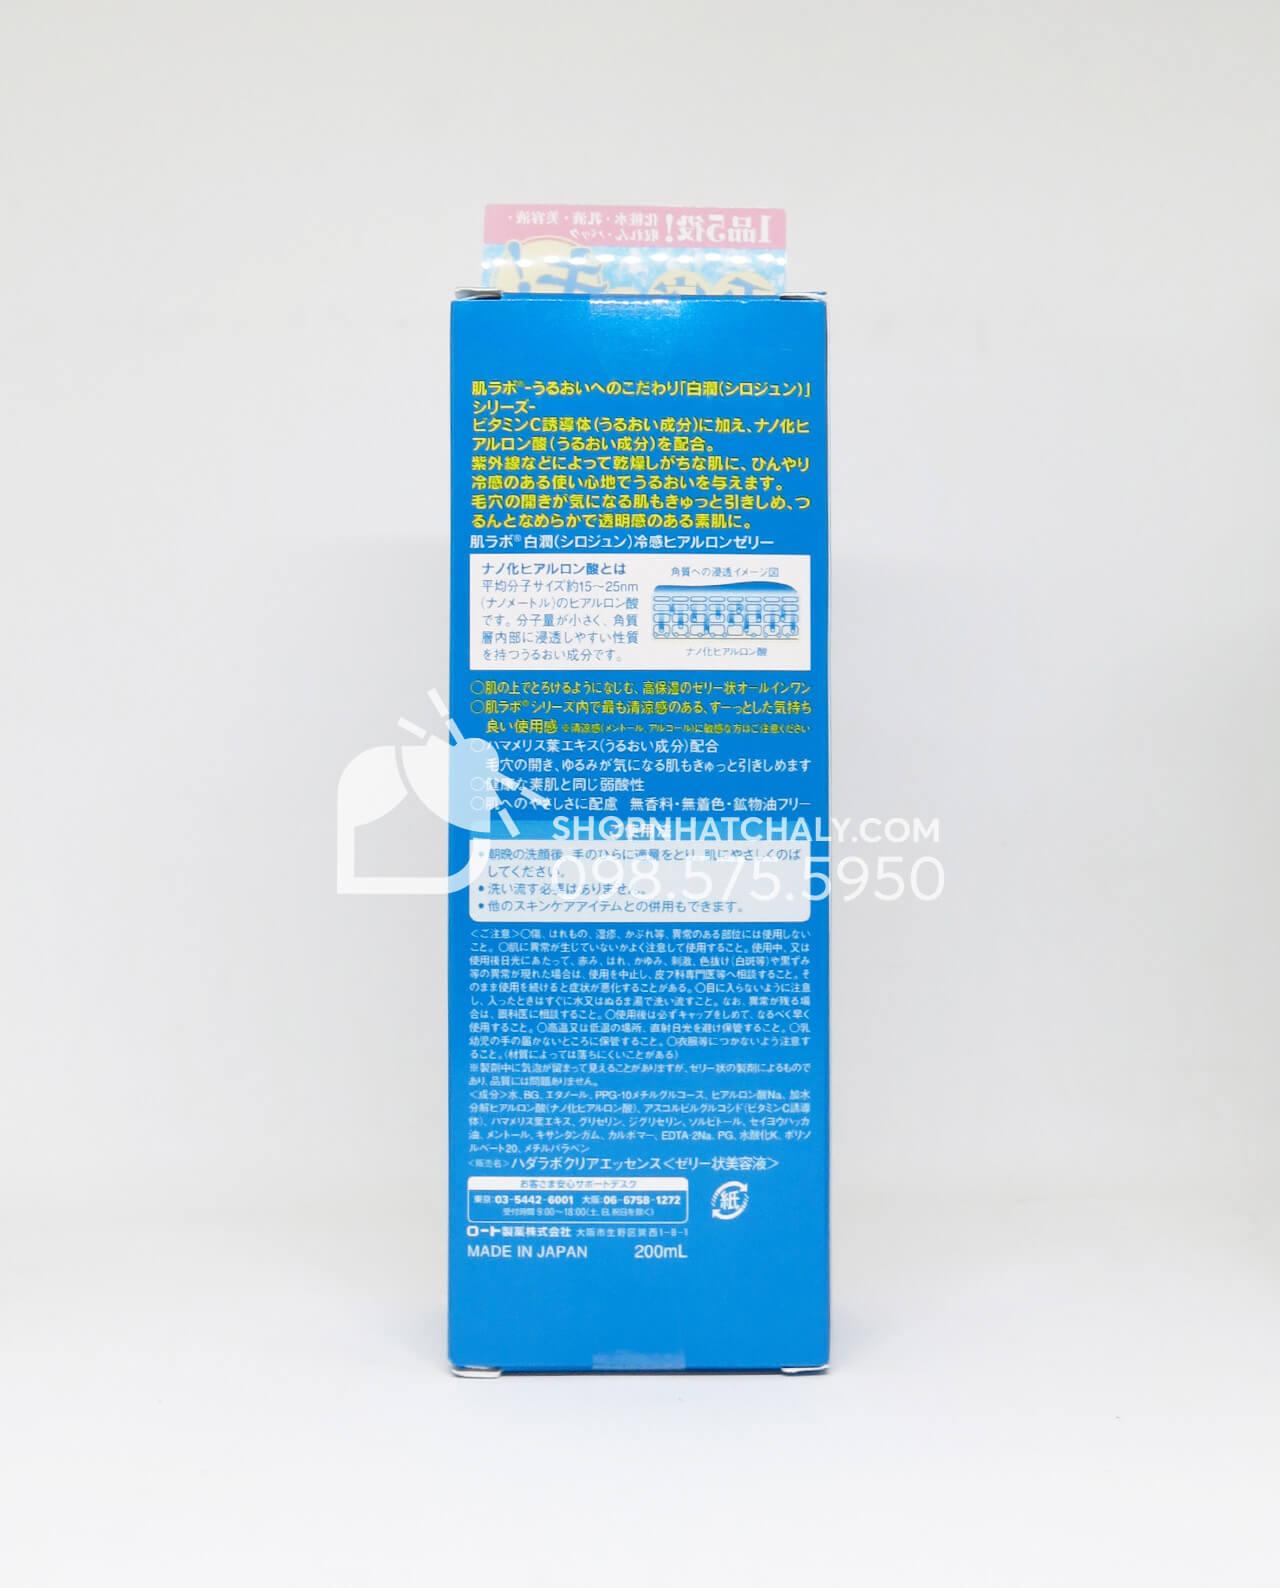 Gel lạnh dưỡng trắng da ngừa thâm nám đa năng Hyaluronic Jelly - Hada Labo Shirojyun - 5 in 1 - thông tin sản phẩm